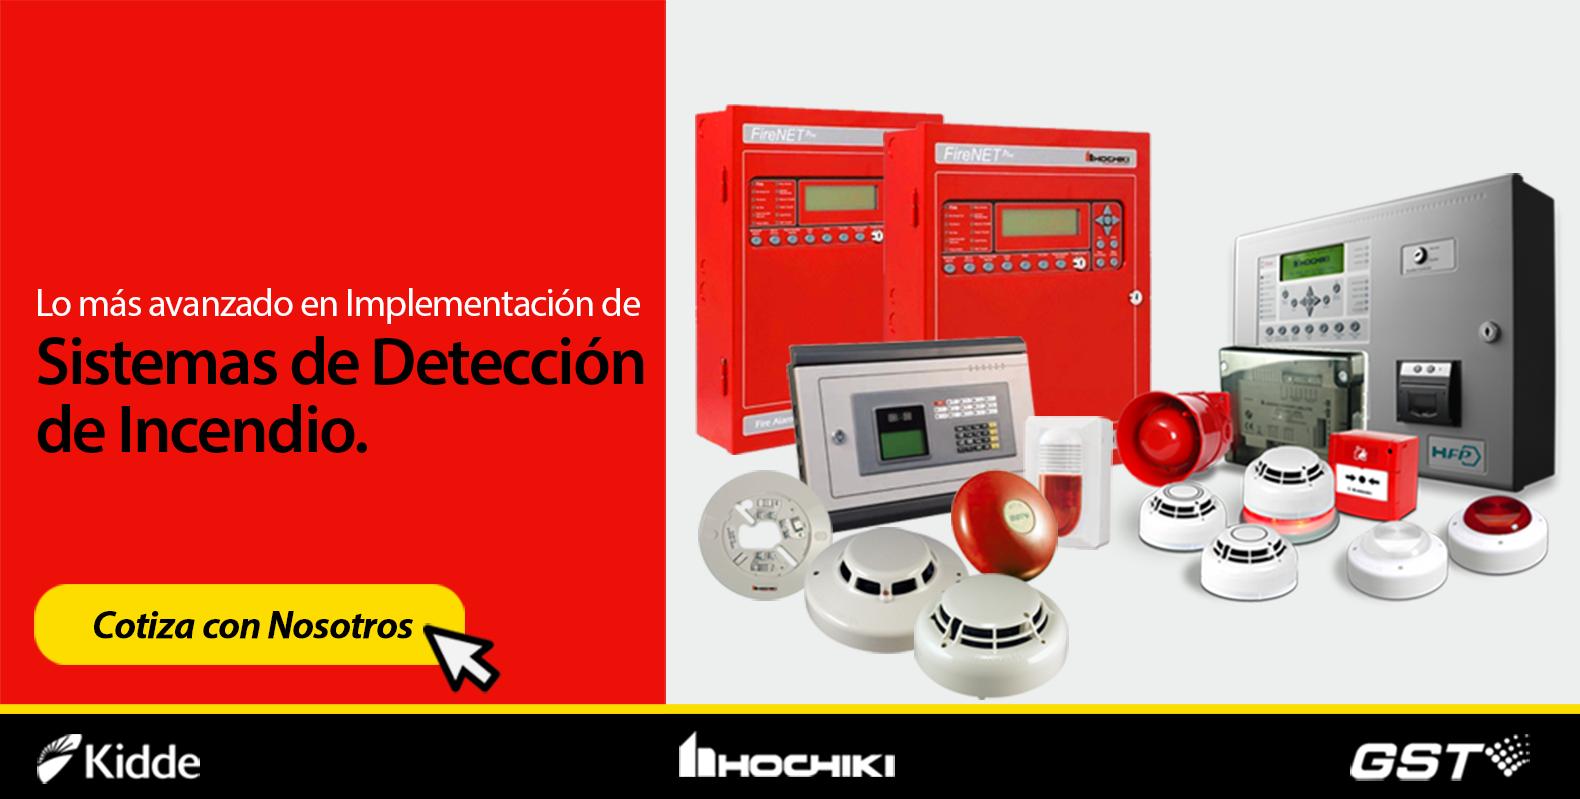 Proyectos de Detección de Incendio